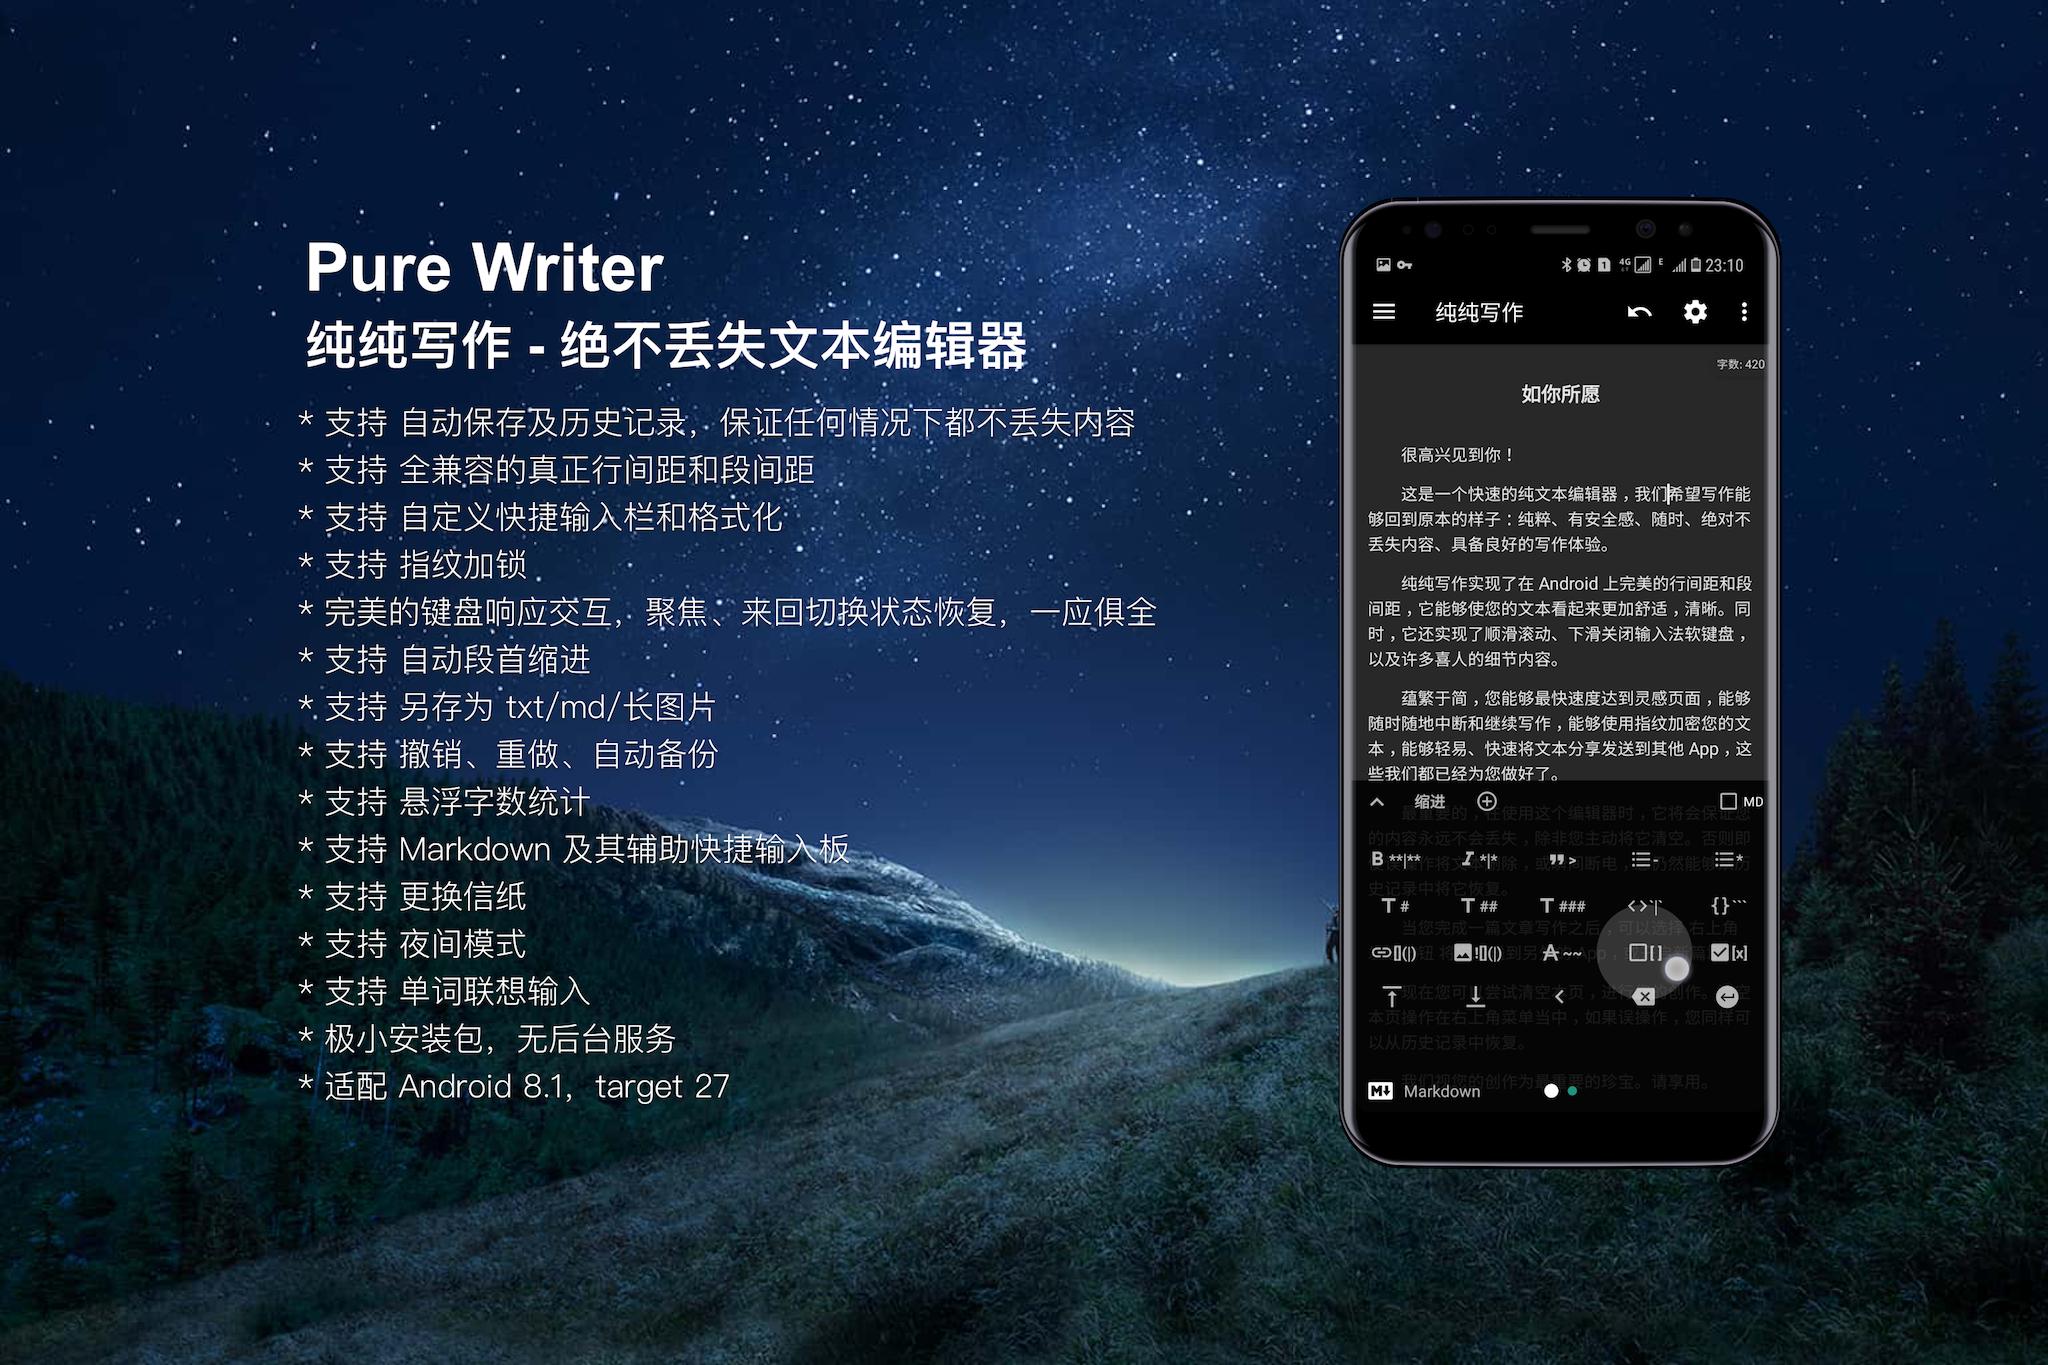 PureWriter Samsung Galaxy S8 Dark.png